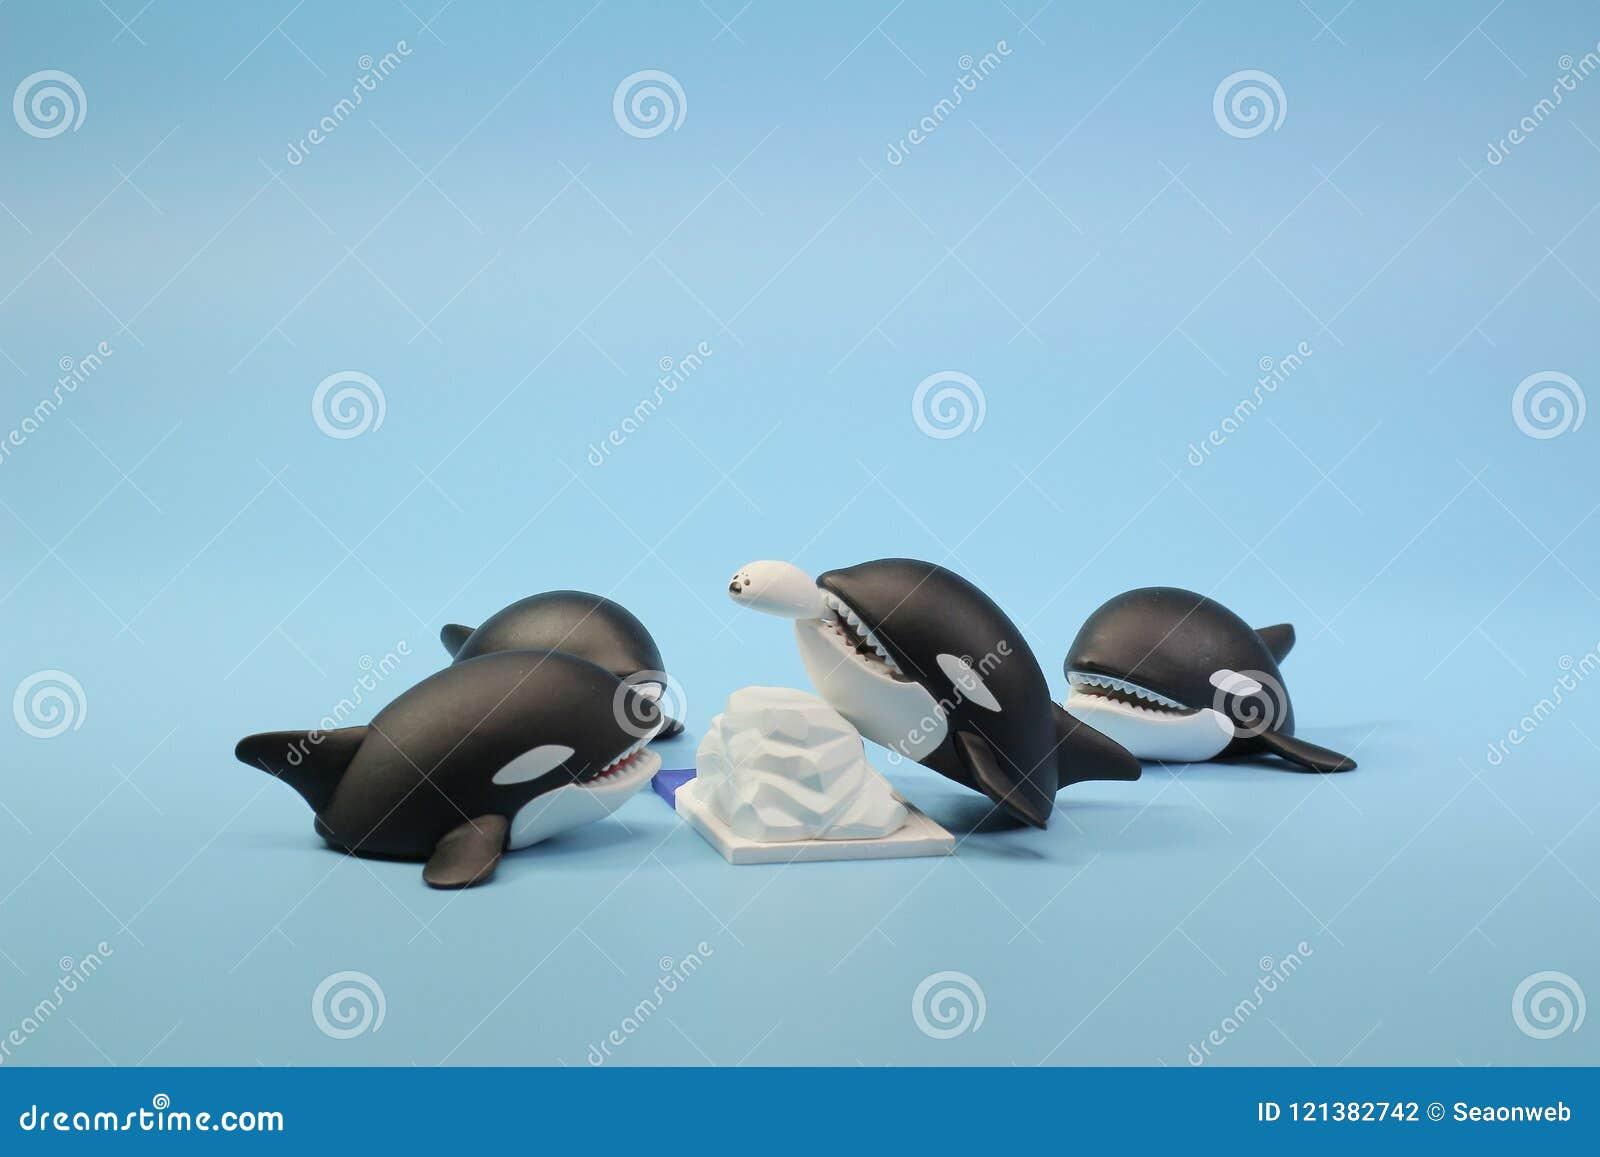 北极野生生物动物形象题材